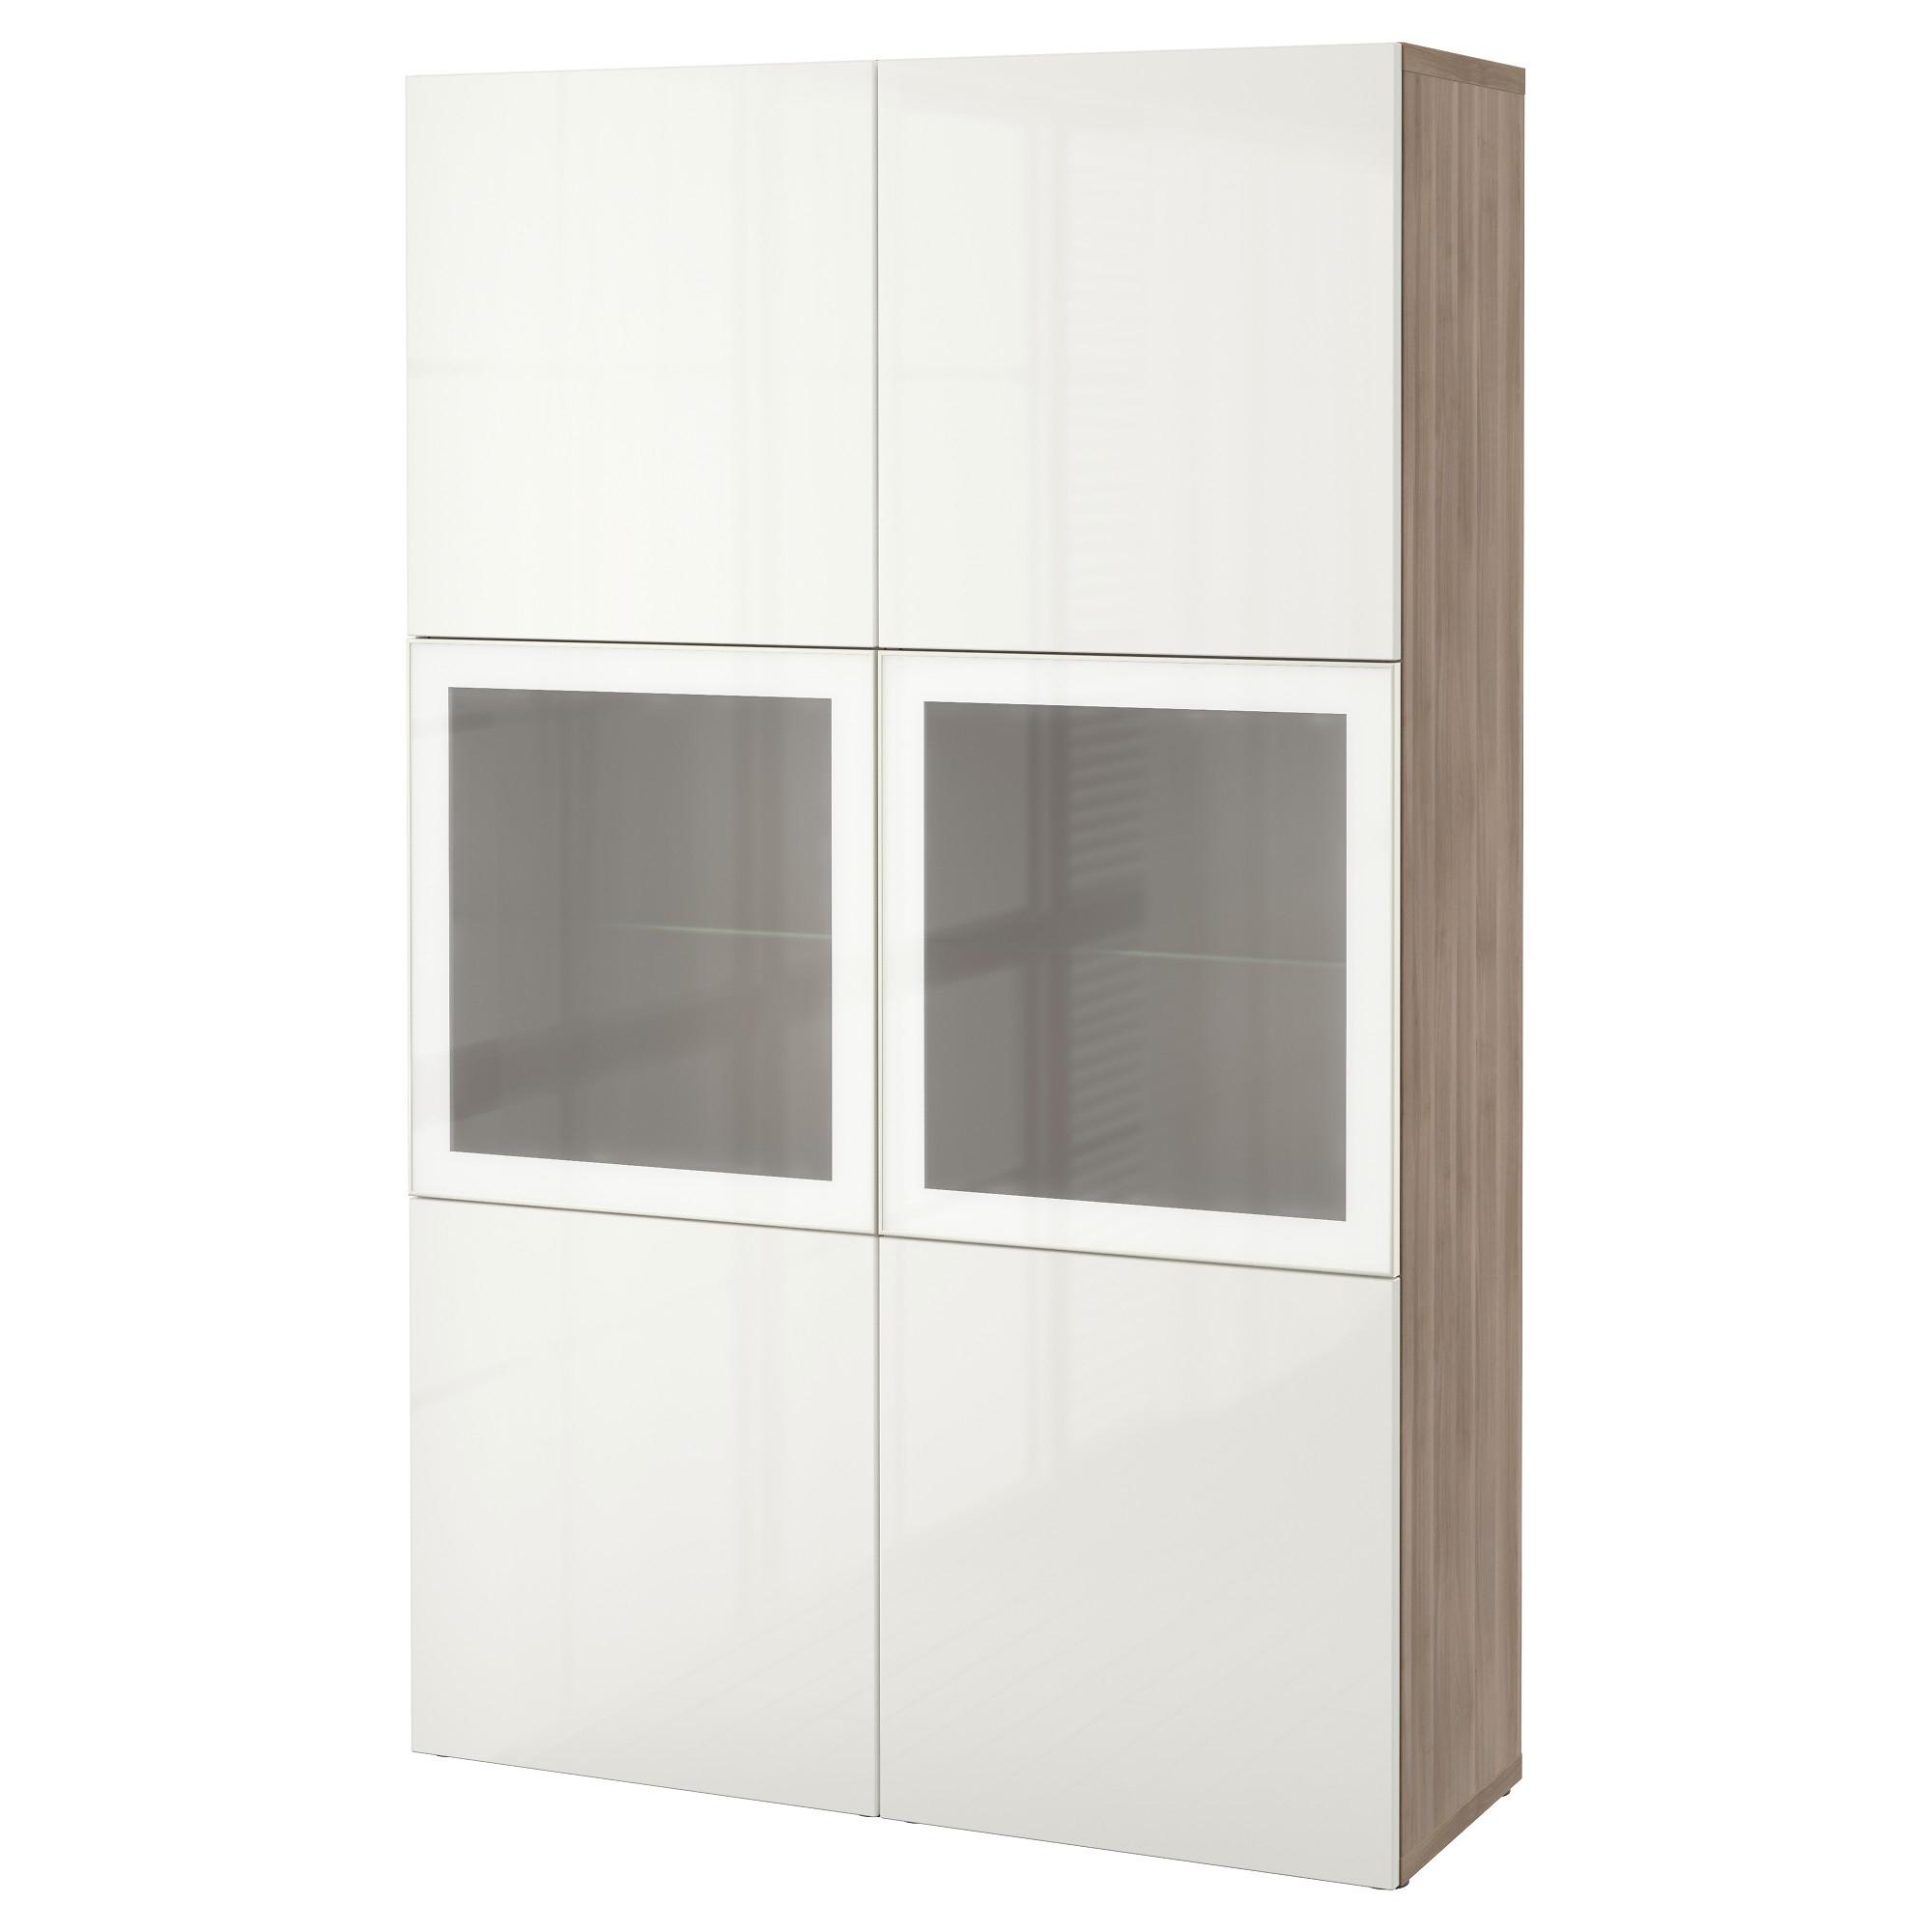 Best Storage Combination W Glass Doors